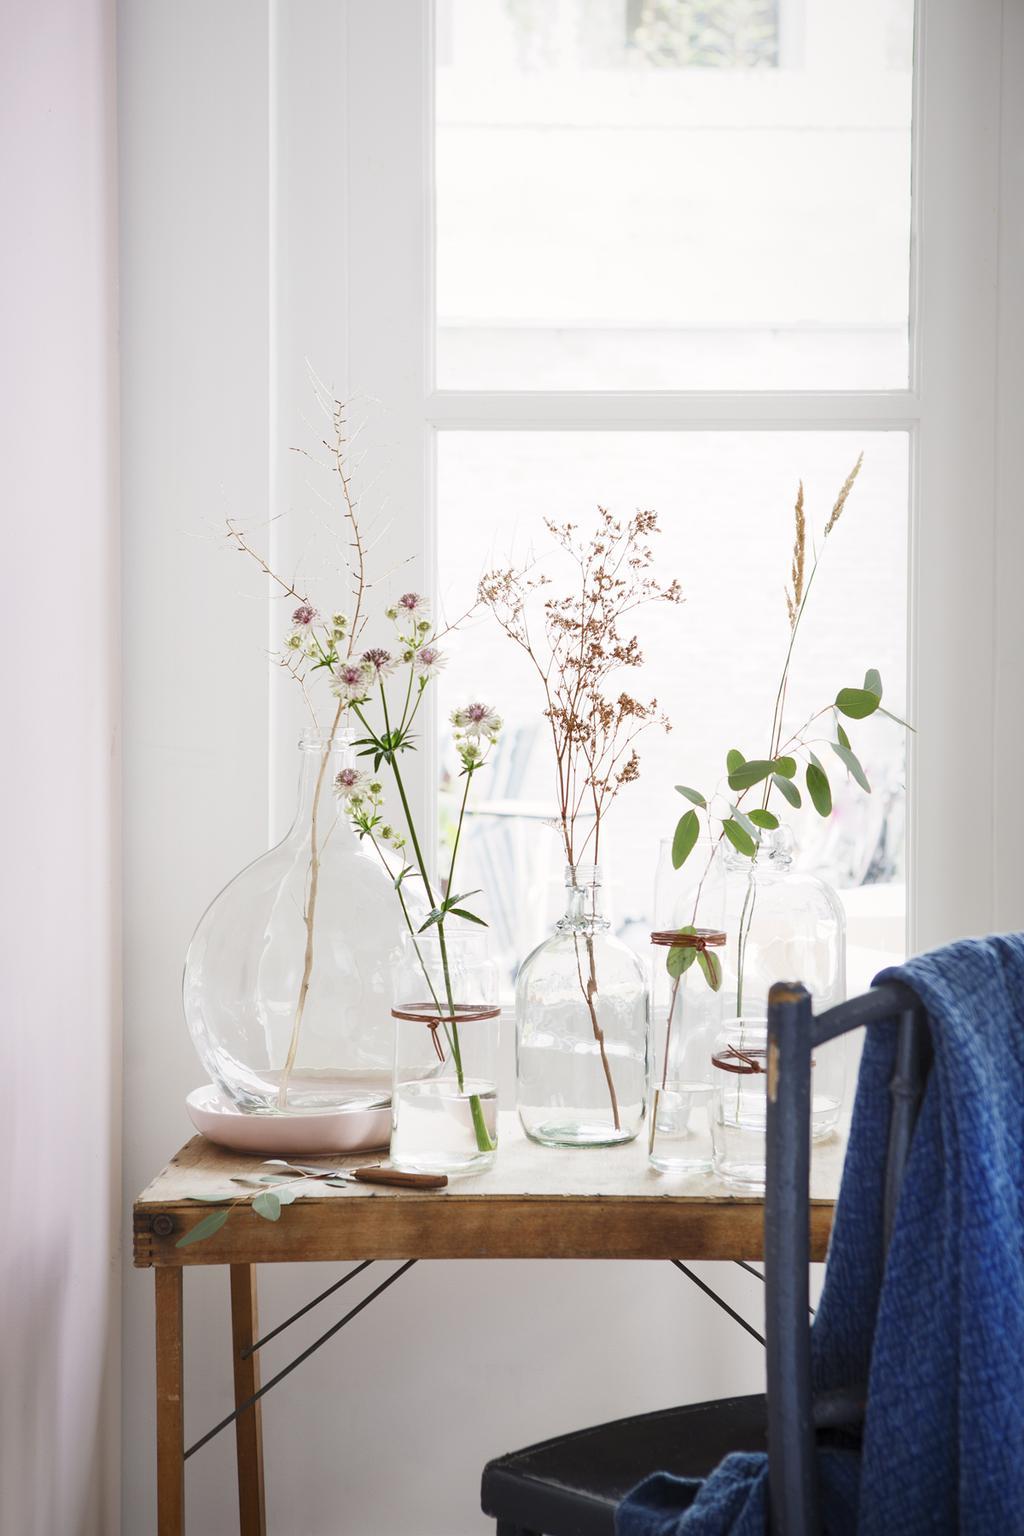 bureau met glazen vazen met bloemen in het raamkozijn